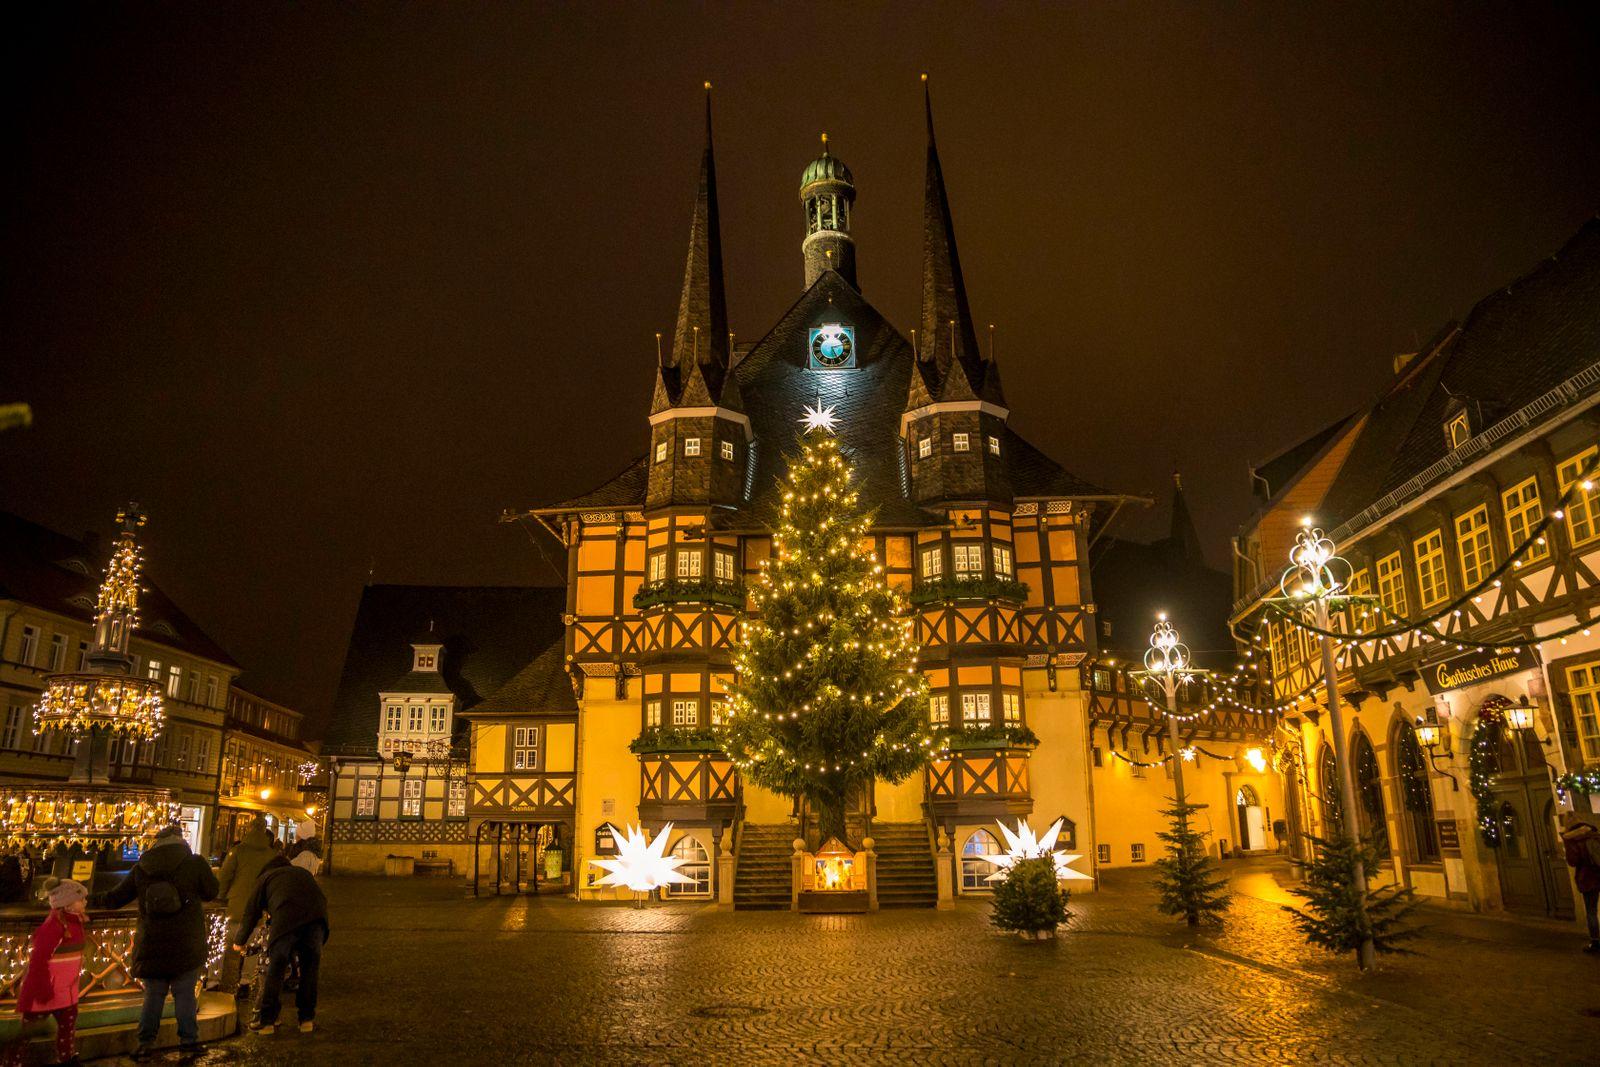 Anstelle des Weihnachtsmarktes in der historischen Altstadt von Wernigerode gibt es im Jahr 2020 einen sog. Lichterzaube